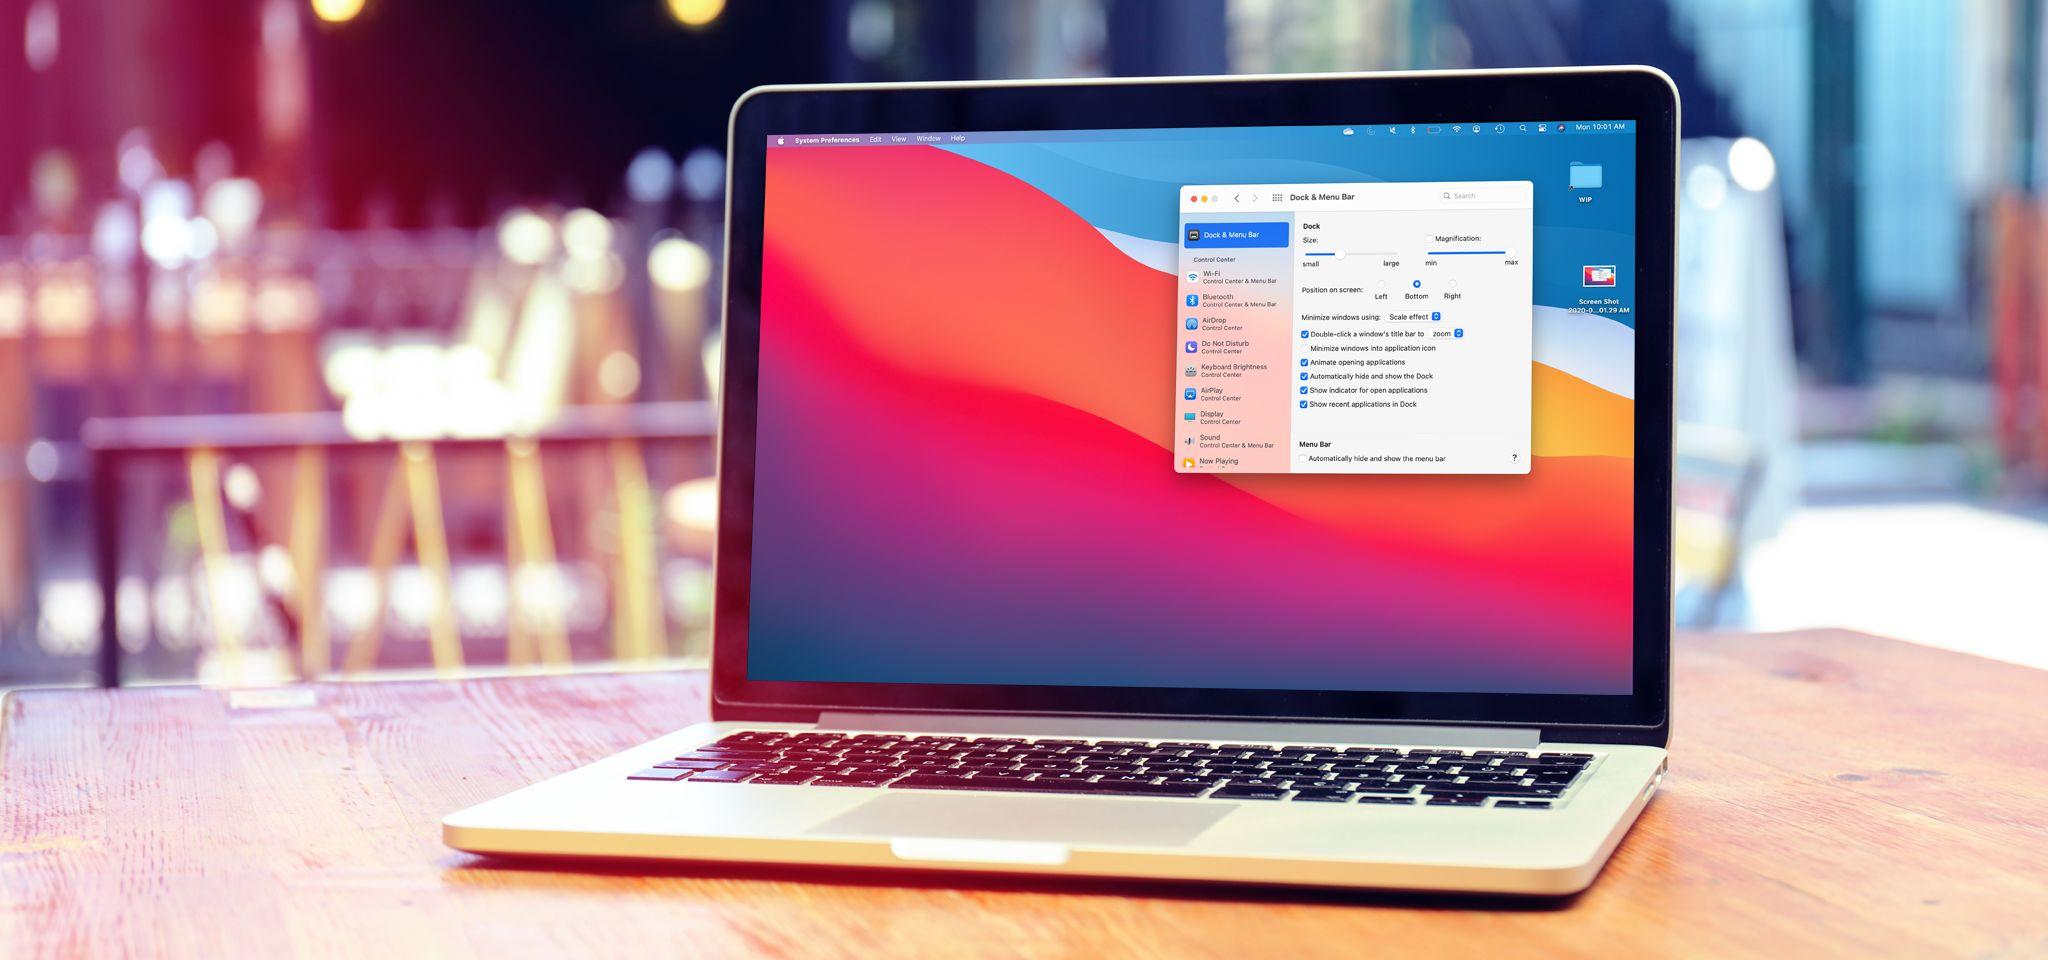 Mac의 속도를 높이는 6가지 방법